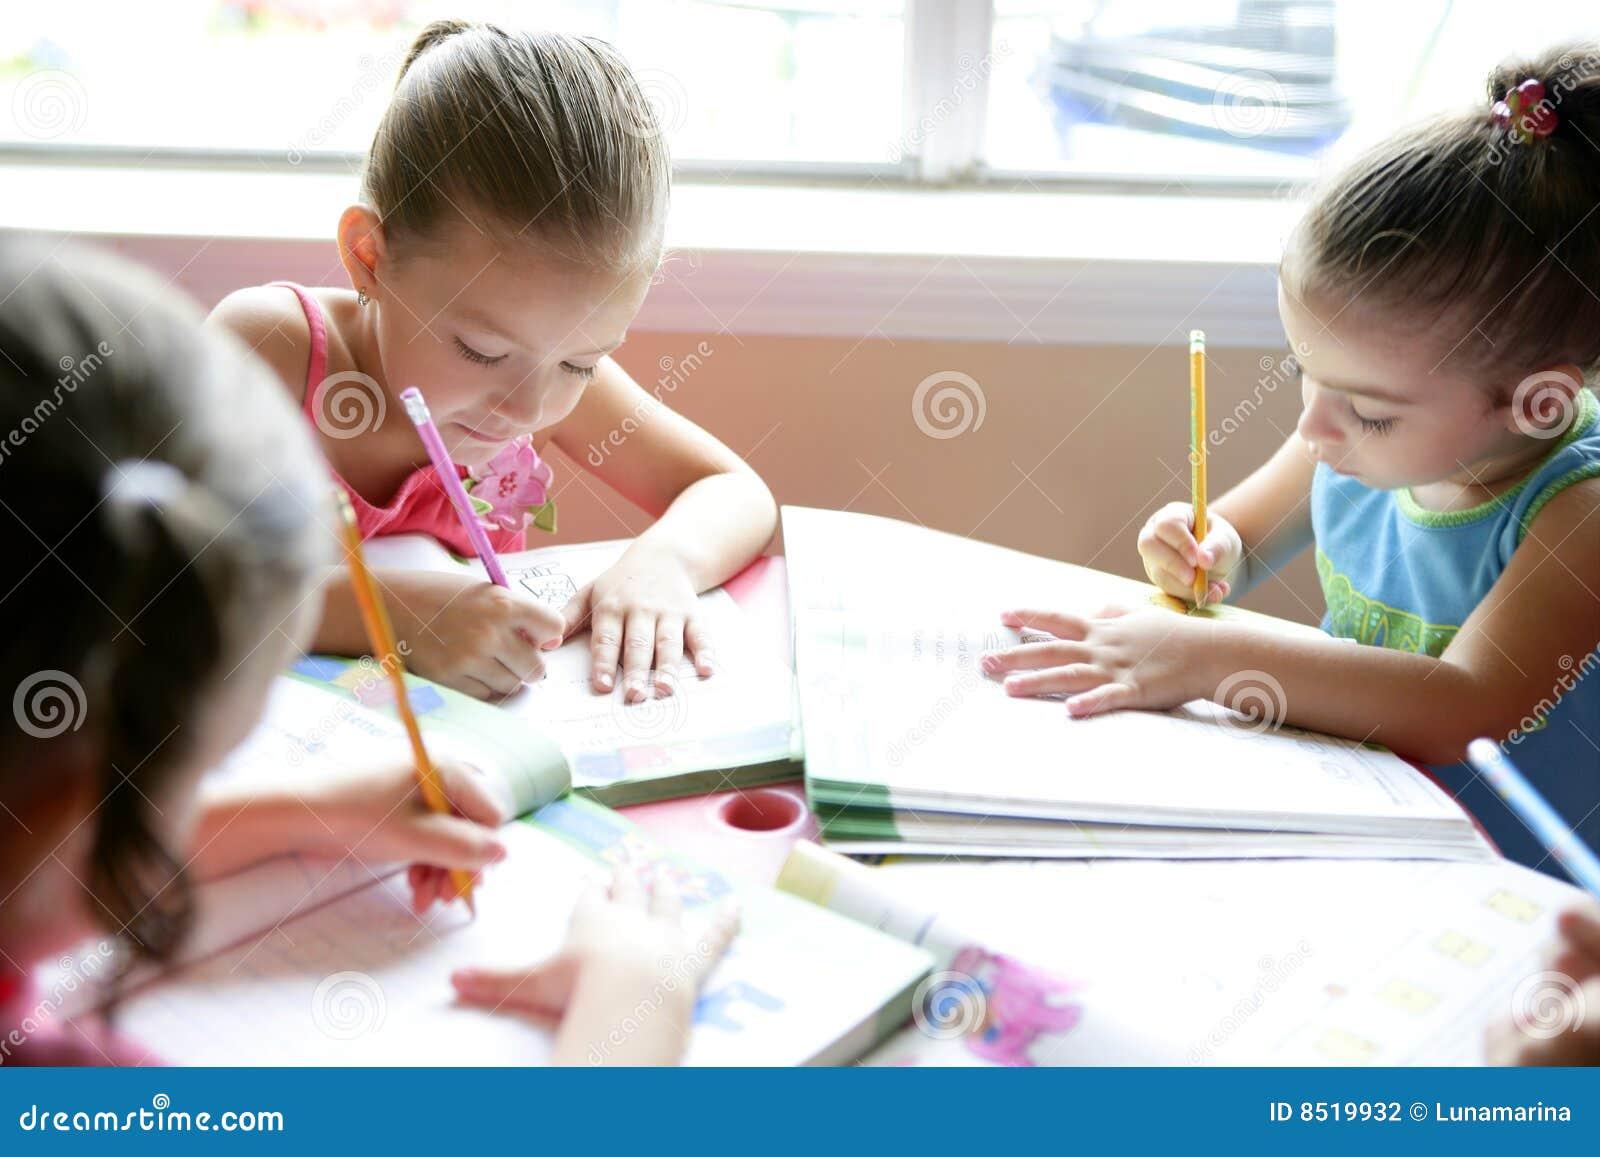 Beautiful little girls, homework at home